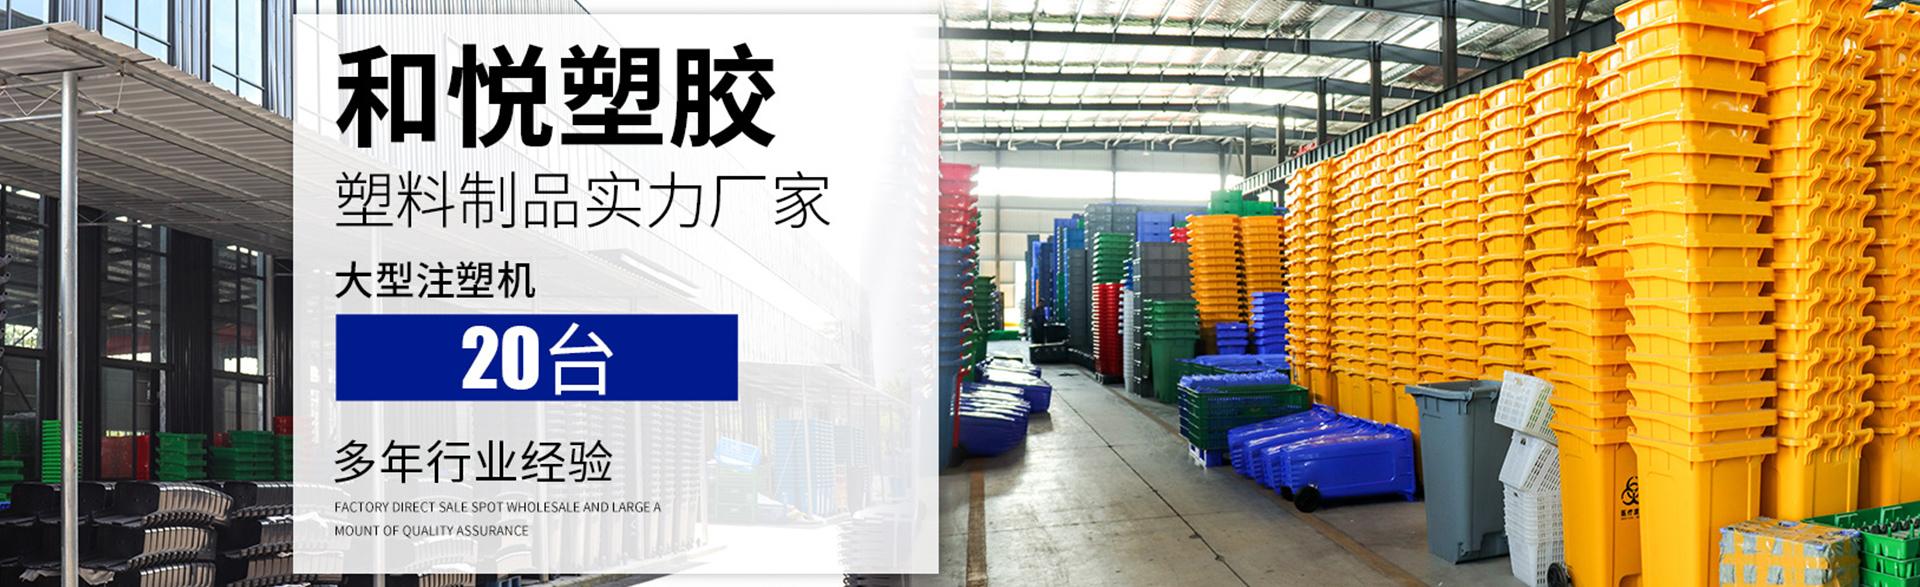 重庆塑料周转箱厂家